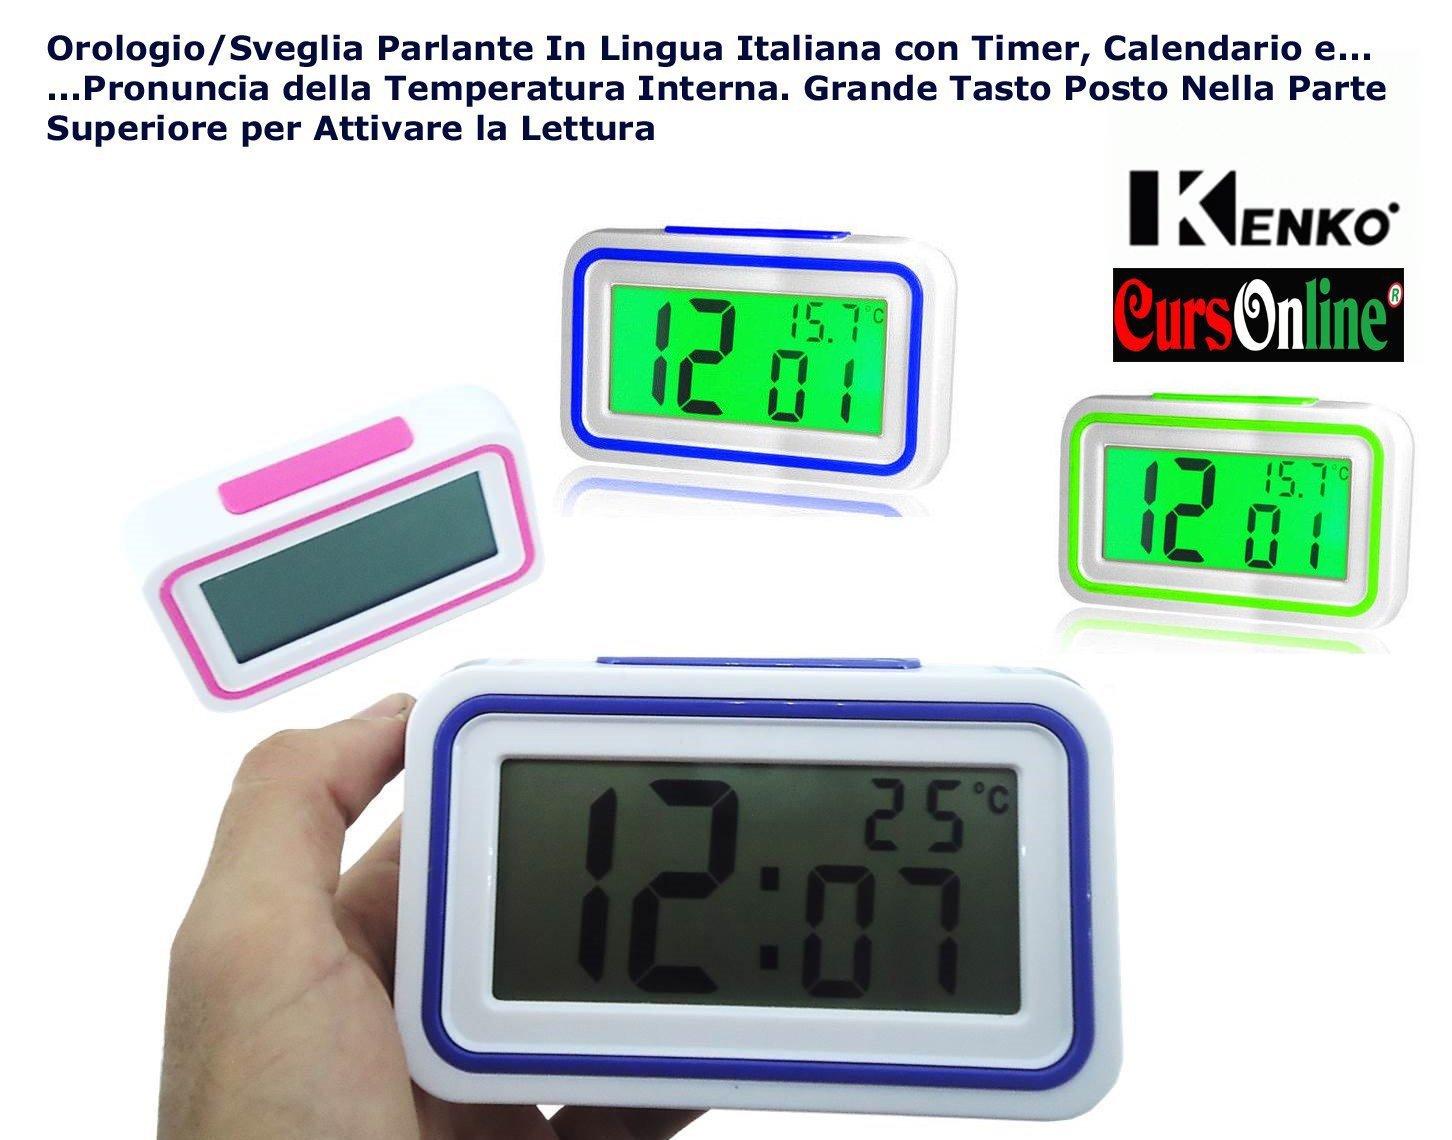 CursOnline - Elegante y pequeño reloj digital de mesa, con altavoz en lengua italiana, con indicador de hora y temperatura interior y despertador integrado ...